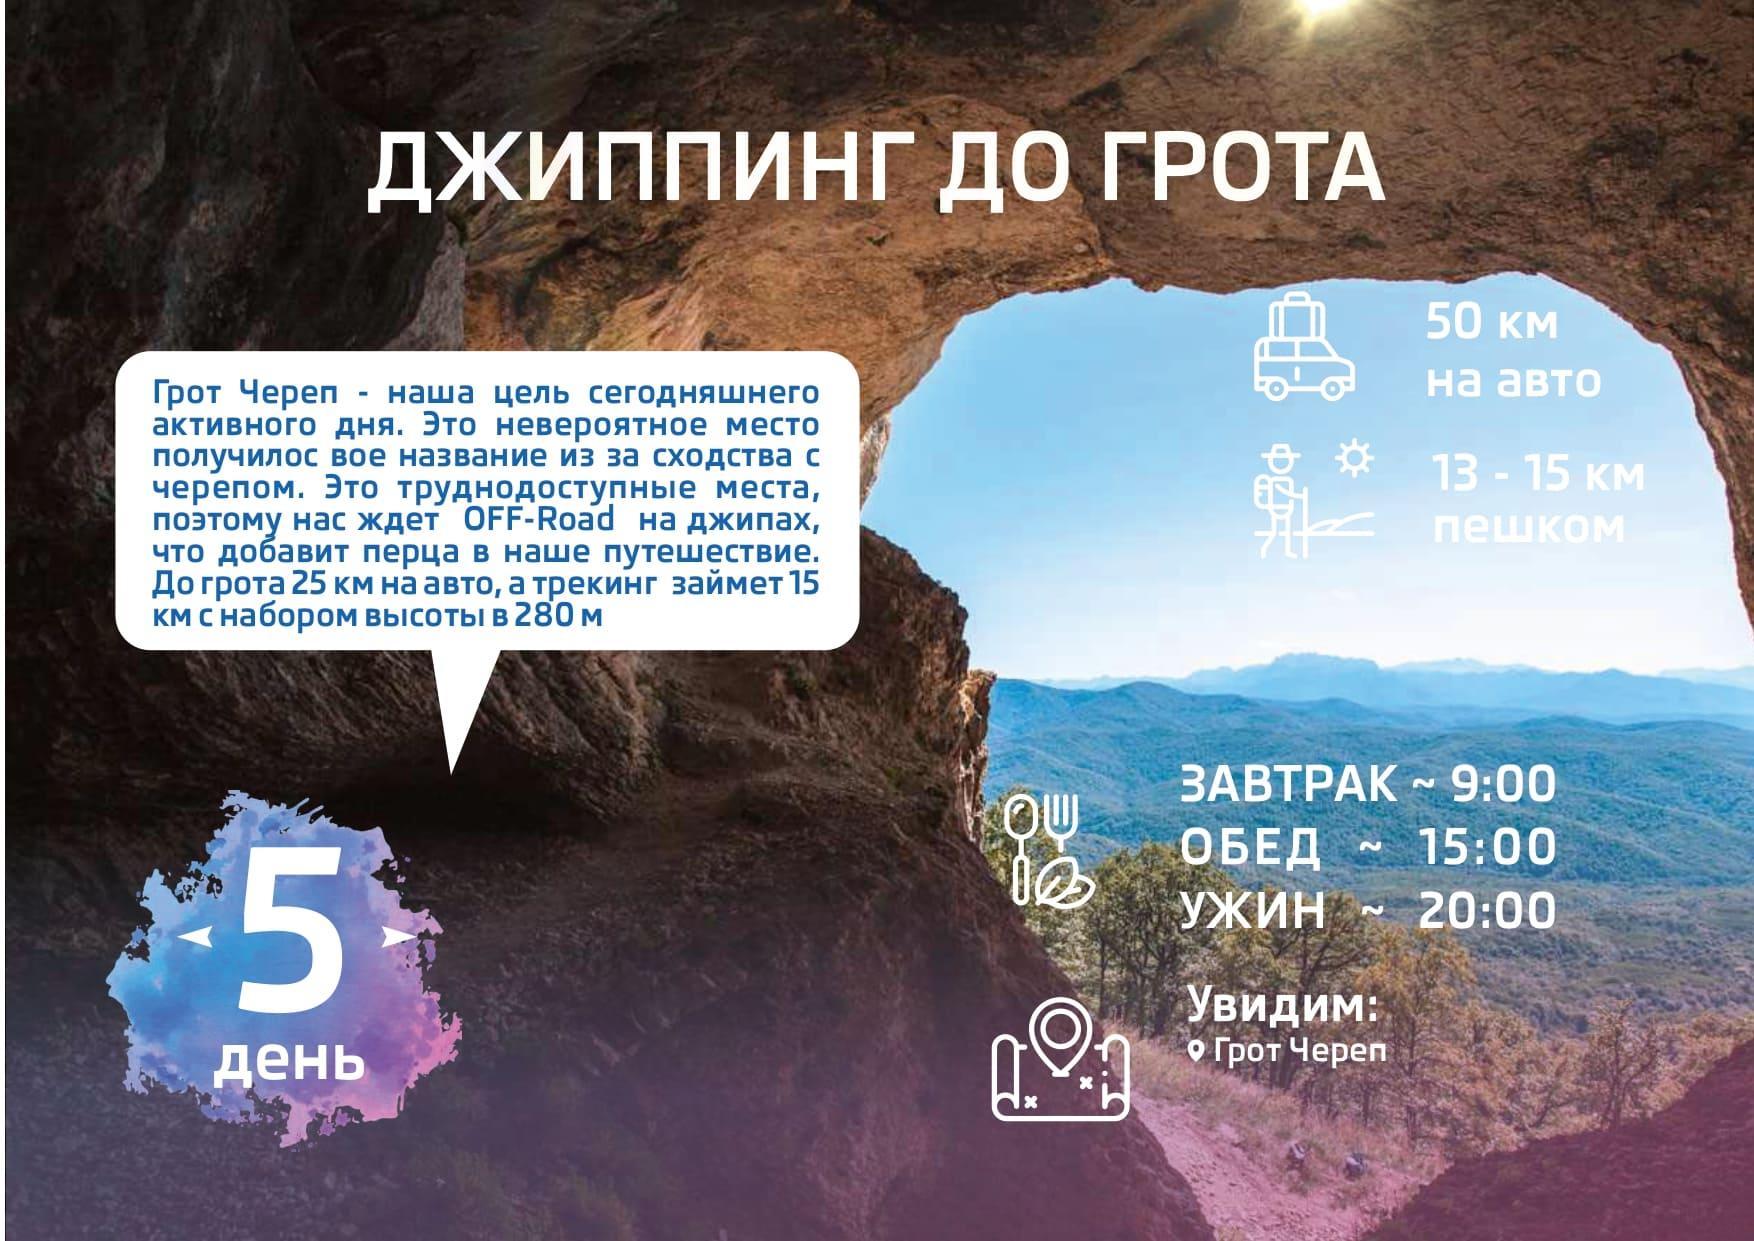 Адыгея активный тур_compressed (2)_page-0014